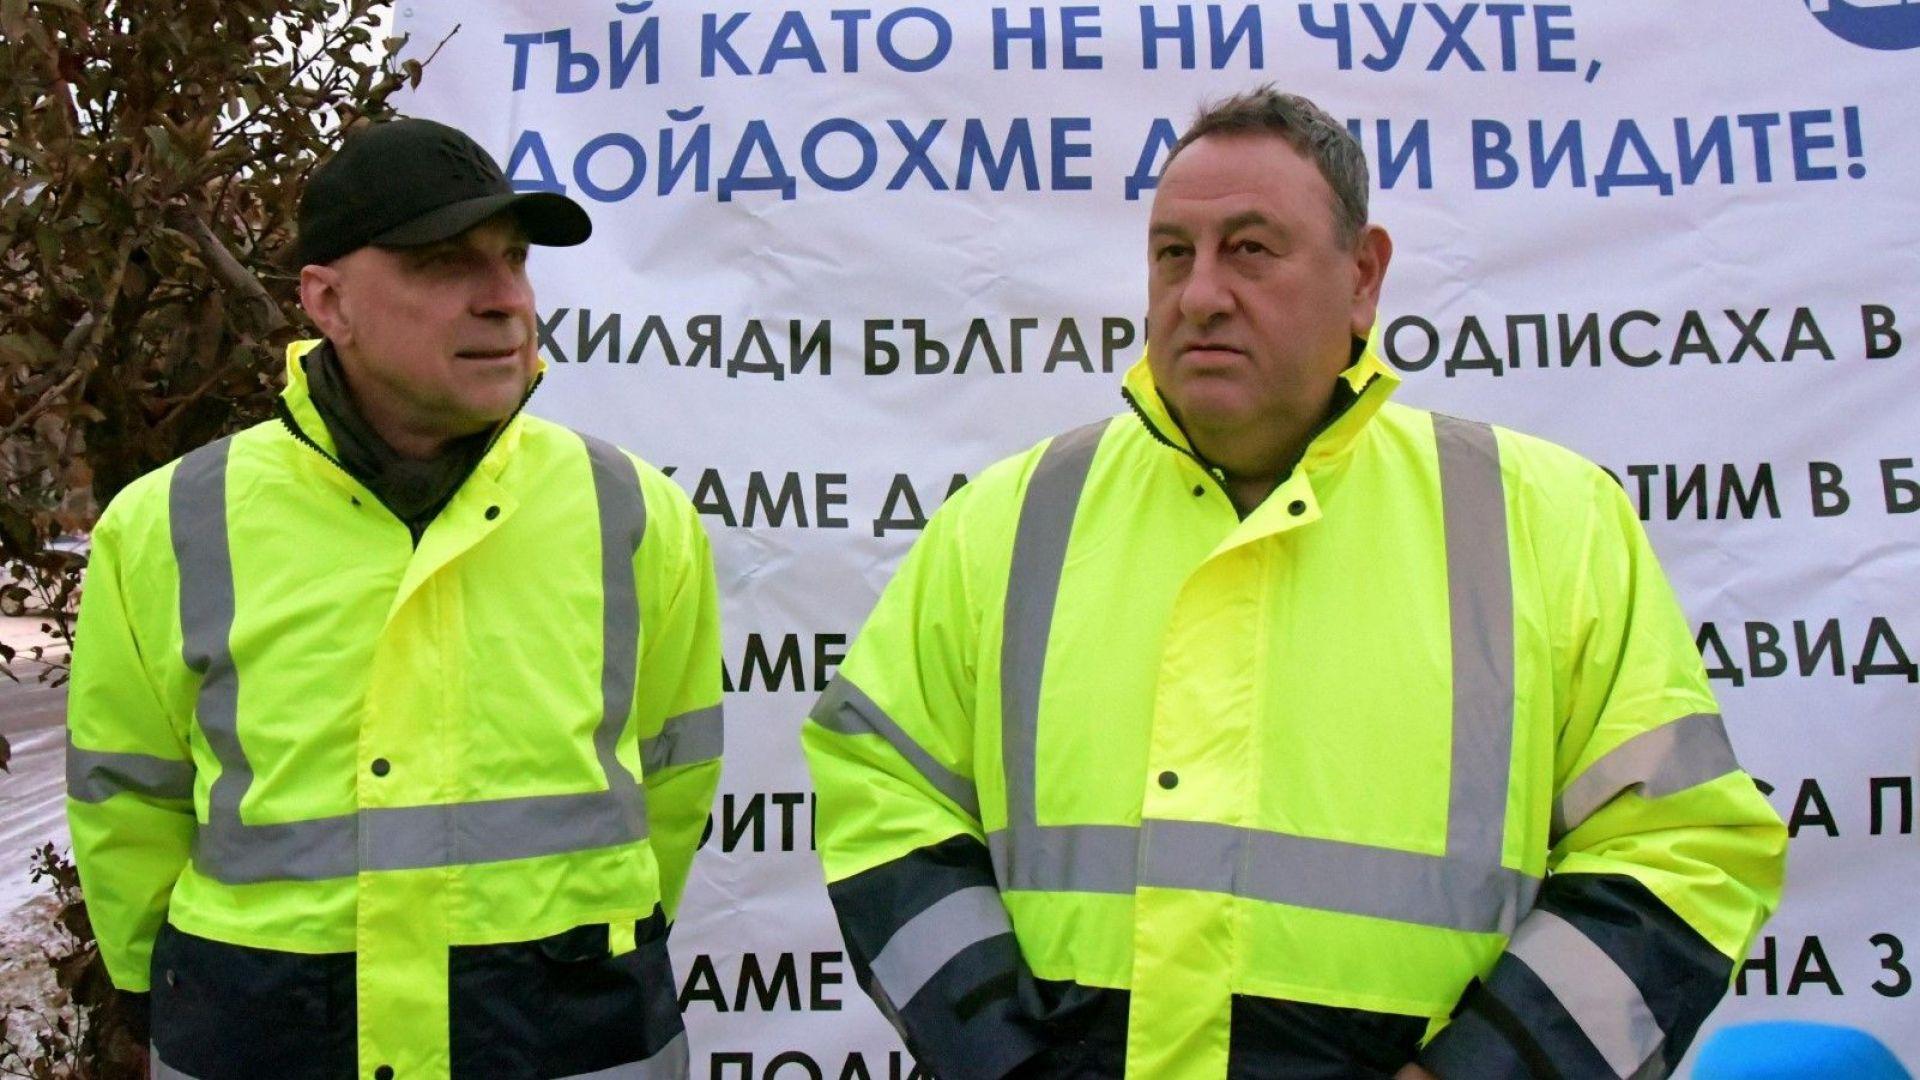 Камарата на строителите: Йончева пак не разбра важните послания